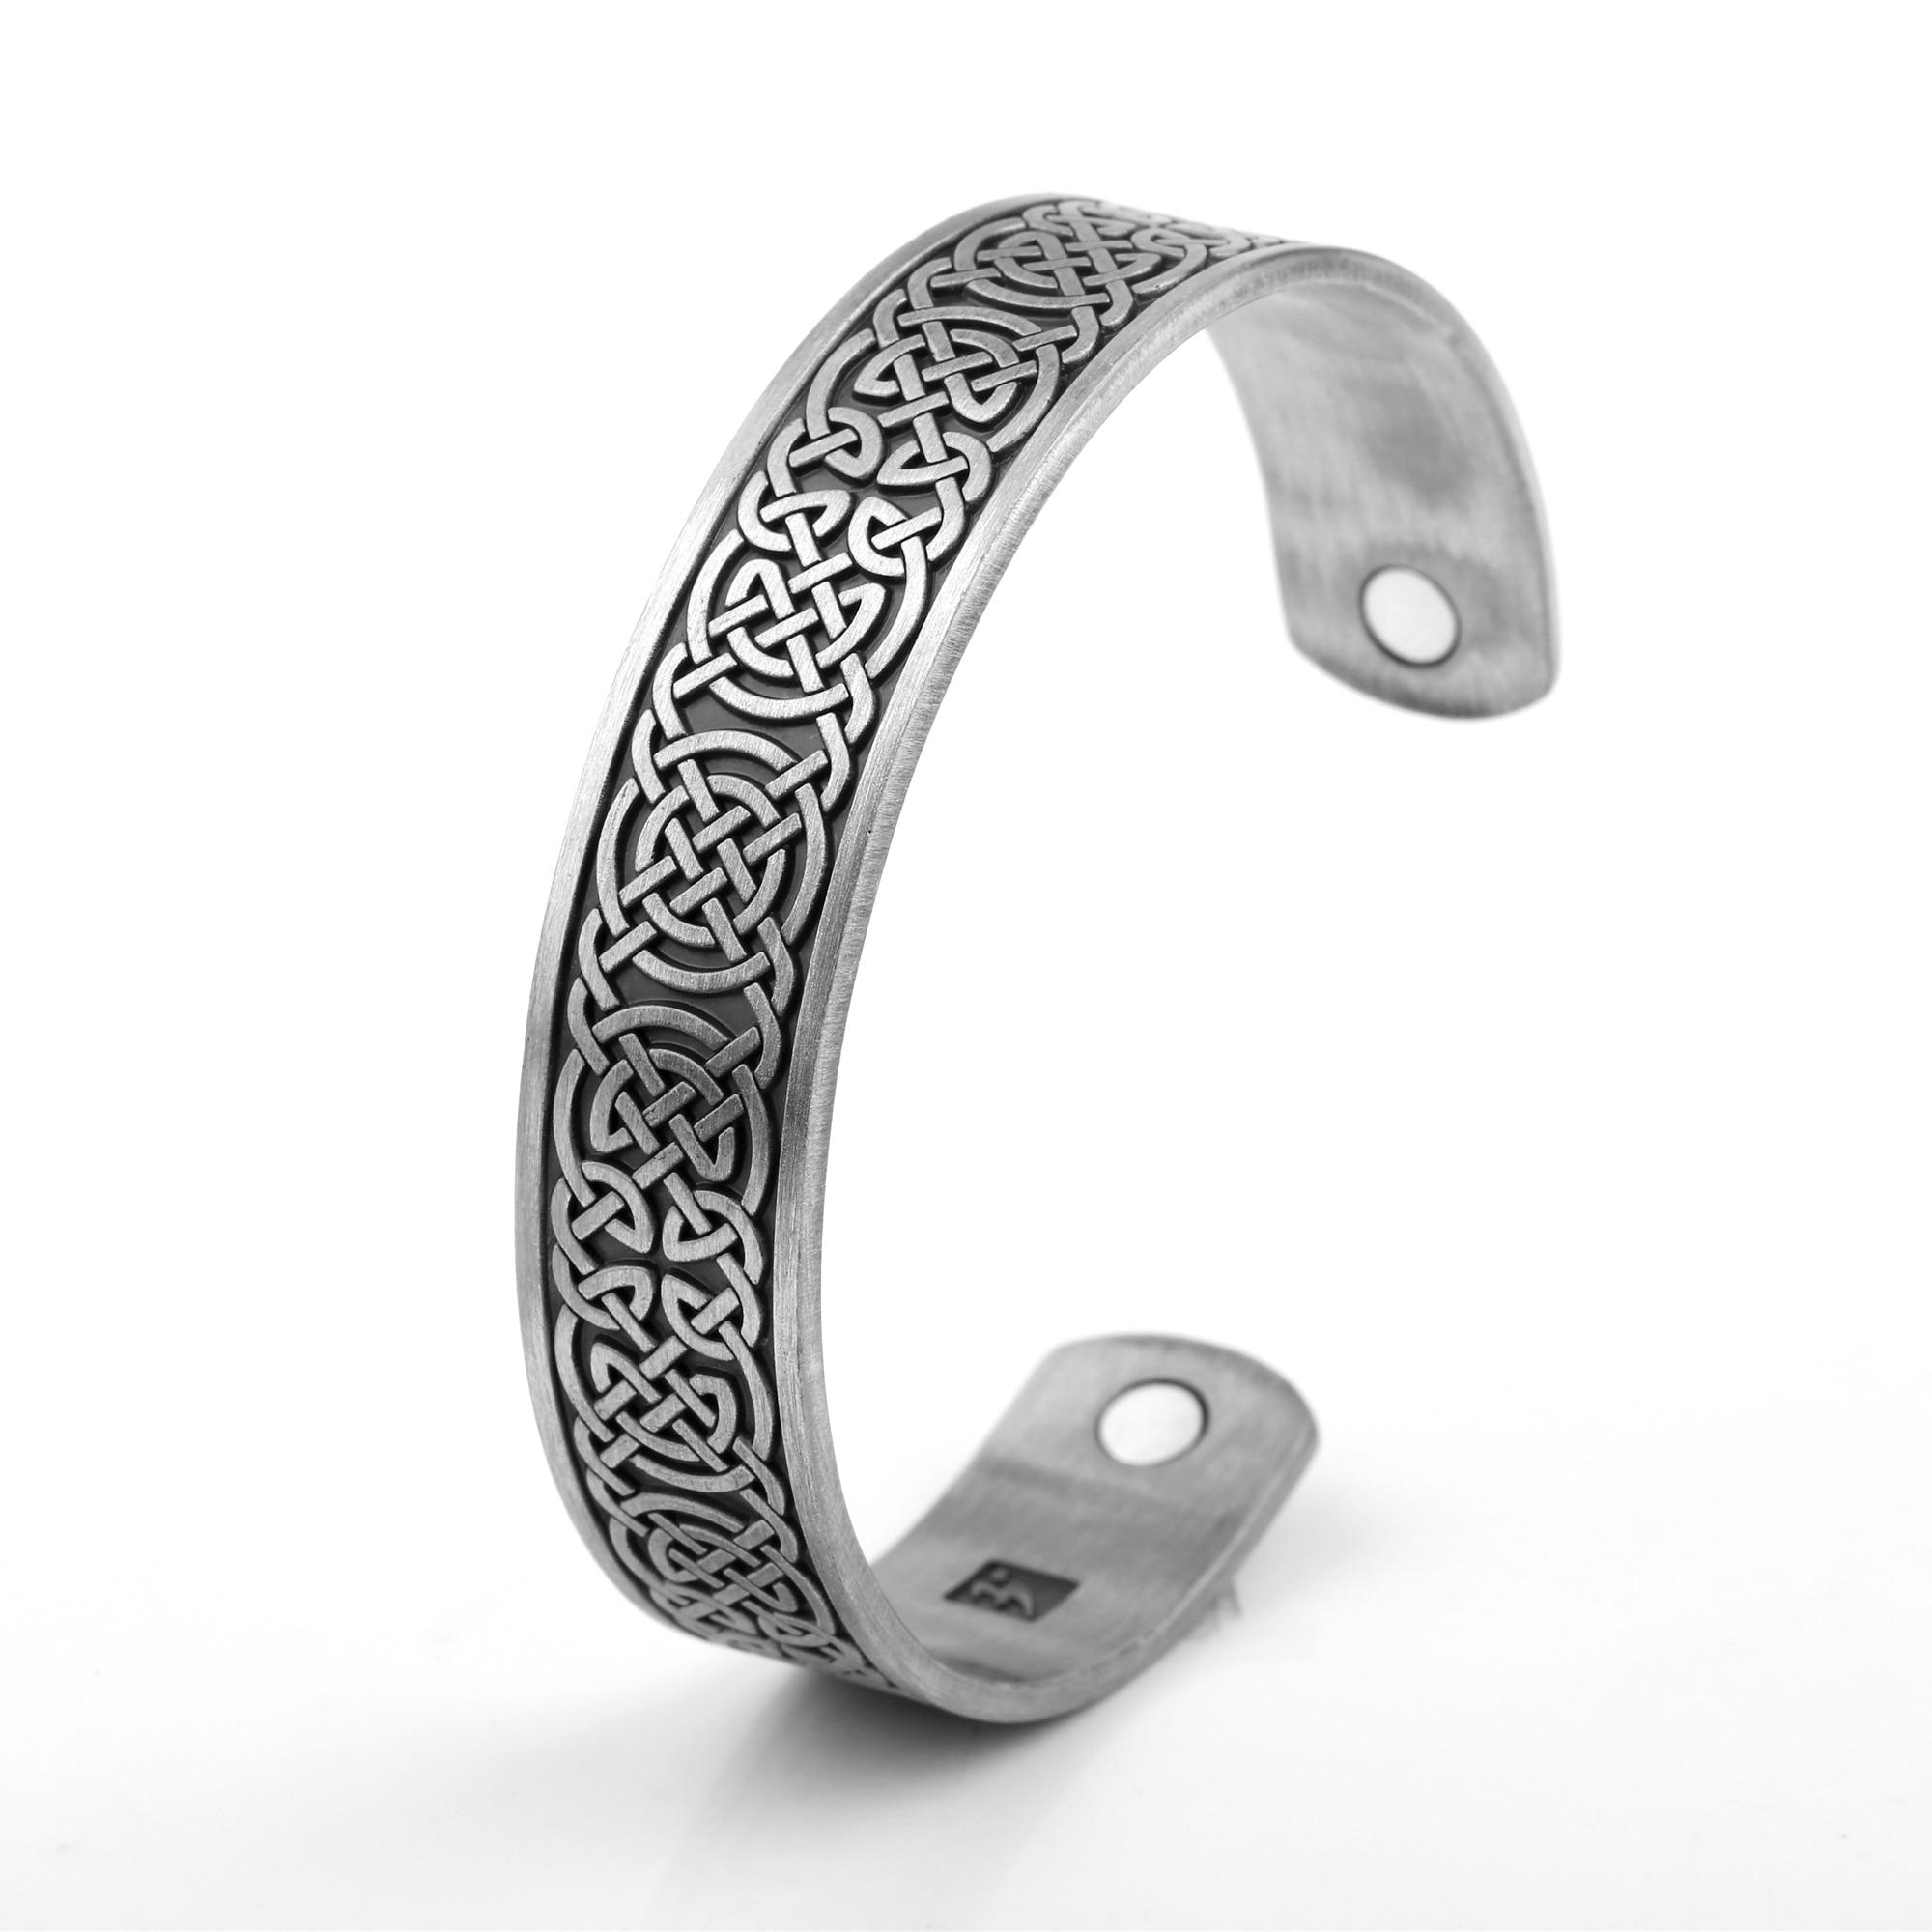 Bracelet viking magnetique contre symptômes Migraines Fatigue  3